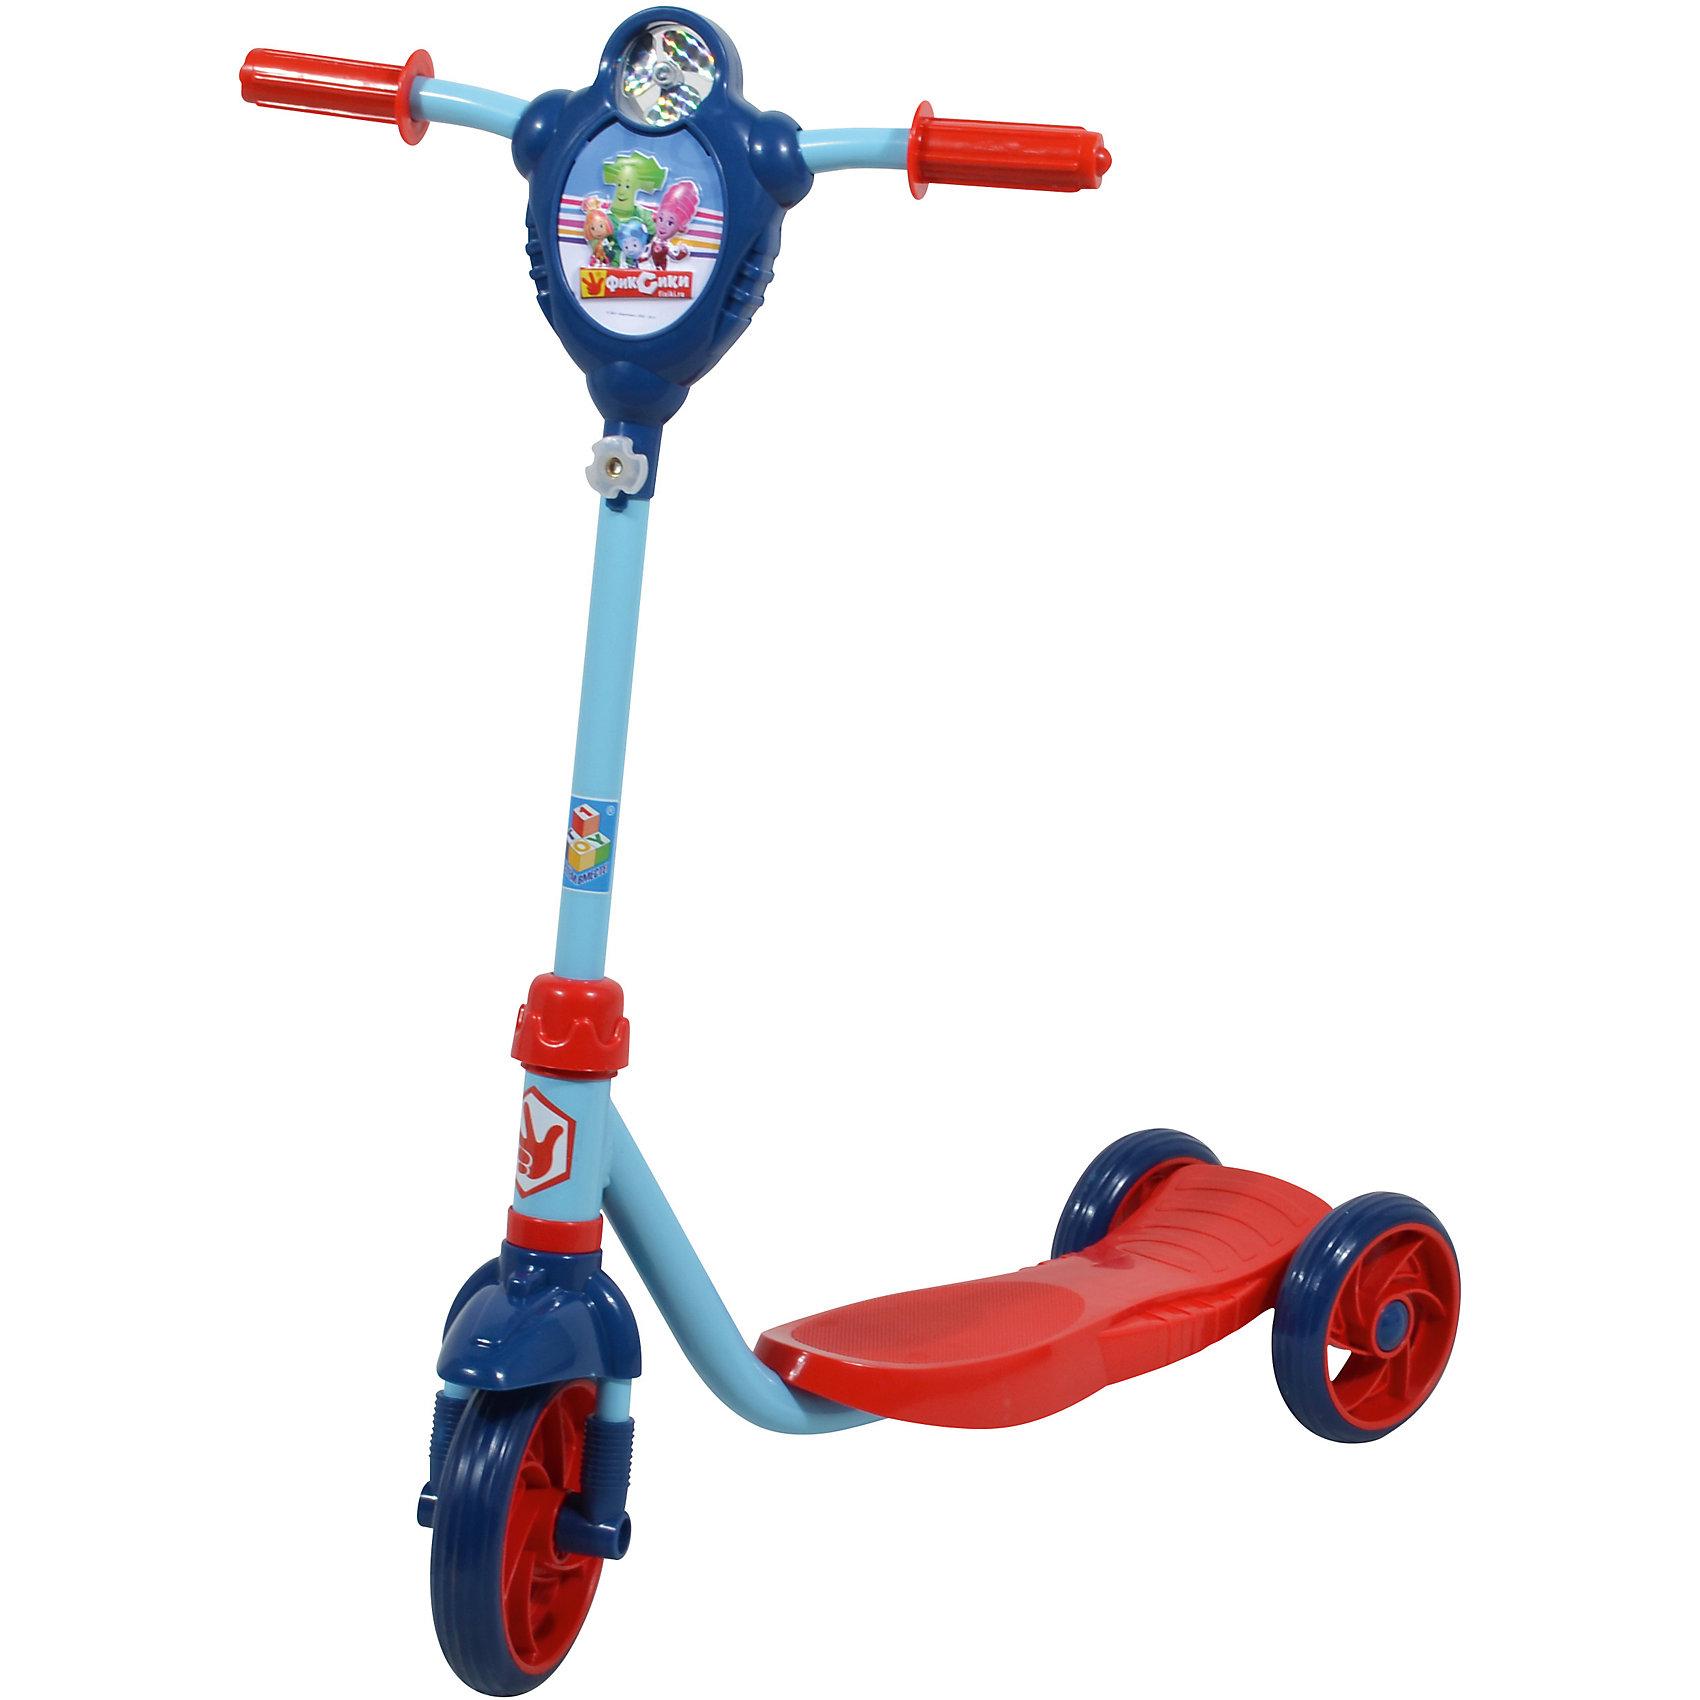 Самокат Фиксики, 1ToyСамокаты<br>Самокат Фиксики, 1Toy – это прочный, стильный, комфортный и легкий в транспортировке самокат, который понравится вашему ребенку.<br>Самокат трёхколёсный Фиксики 1Toy - это очень милый, сделанный с любовью к детям, самокат, украшенный крашенный персонажами популярного детского мультсериала Фиксики, предназначен для самых маленьких райдеров. У самоката металлическая рама, колёса из ПВХ-материала, Т-образная ручка. Удобная противоскользящая платформа позволяет ребёнку надёжно стоять во время движения.  Впереди на рулевой стойке имеется оригинальный ветрячок с рельефным изображением Папуса, Маси, Симки и Нолика. Модель изготовлена из качественных материалов и безопасна для ребенка.<br><br>Дополнительная информация:<br><br>- Возраст: от 3 лет<br>- Материал: металл, пластик, ПВХ<br>- Цвет: красный, синий, голубой<br>- Максимальная нагрузка: 40 кг.<br>- Тормоз: ножной<br>- Материал: металл, пластик, ПВХ<br>- Размер: 61х13х75 см.<br>- Диаметр переднего колеса: 15,24 см.<br>- Диаметр задних колёс: 12,7 см.<br>- Высота руля: до 70 см.<br>- Вес: 2,3 кг.<br>- Размер упаковки: 57х18х18,5 см.<br><br>Самокат Фиксики, 1Toy можно купить в нашем интернет-магазине.<br><br>Ширина мм: 570<br>Глубина мм: 180<br>Высота мм: 185<br>Вес г: 2692<br>Возраст от месяцев: 36<br>Возраст до месяцев: 84<br>Пол: Унисекс<br>Возраст: Детский<br>SKU: 4655126